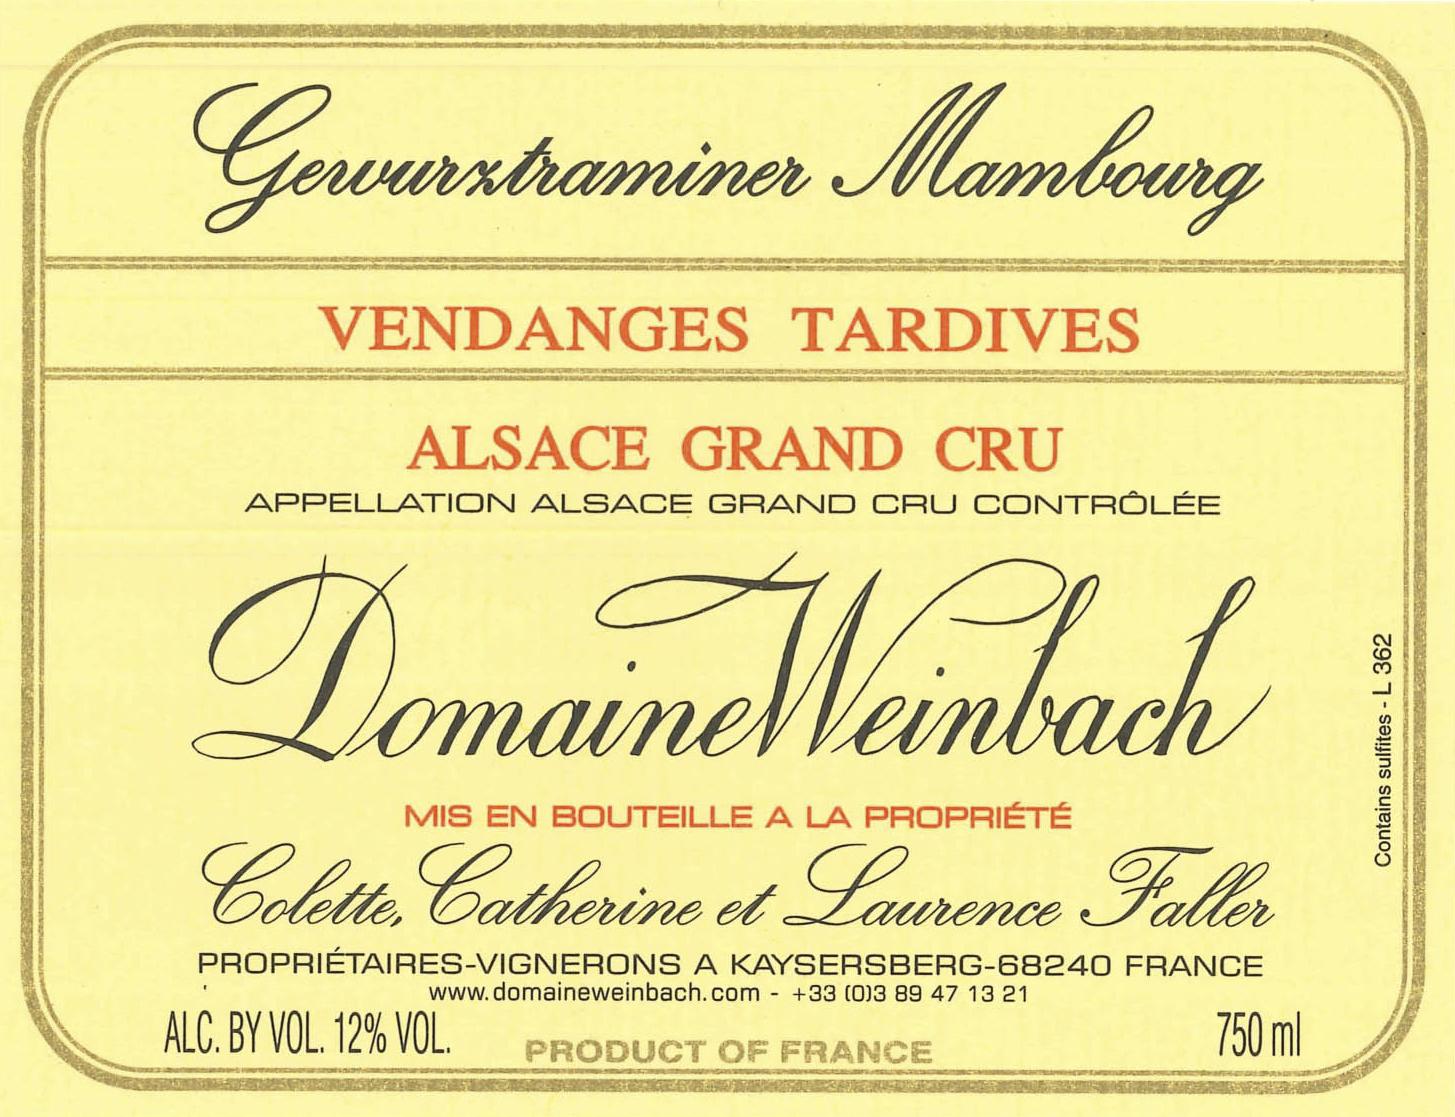 Weinbach Gewurztraminer Mambourg Vendanges Tardives Grand Cru Label.jpg